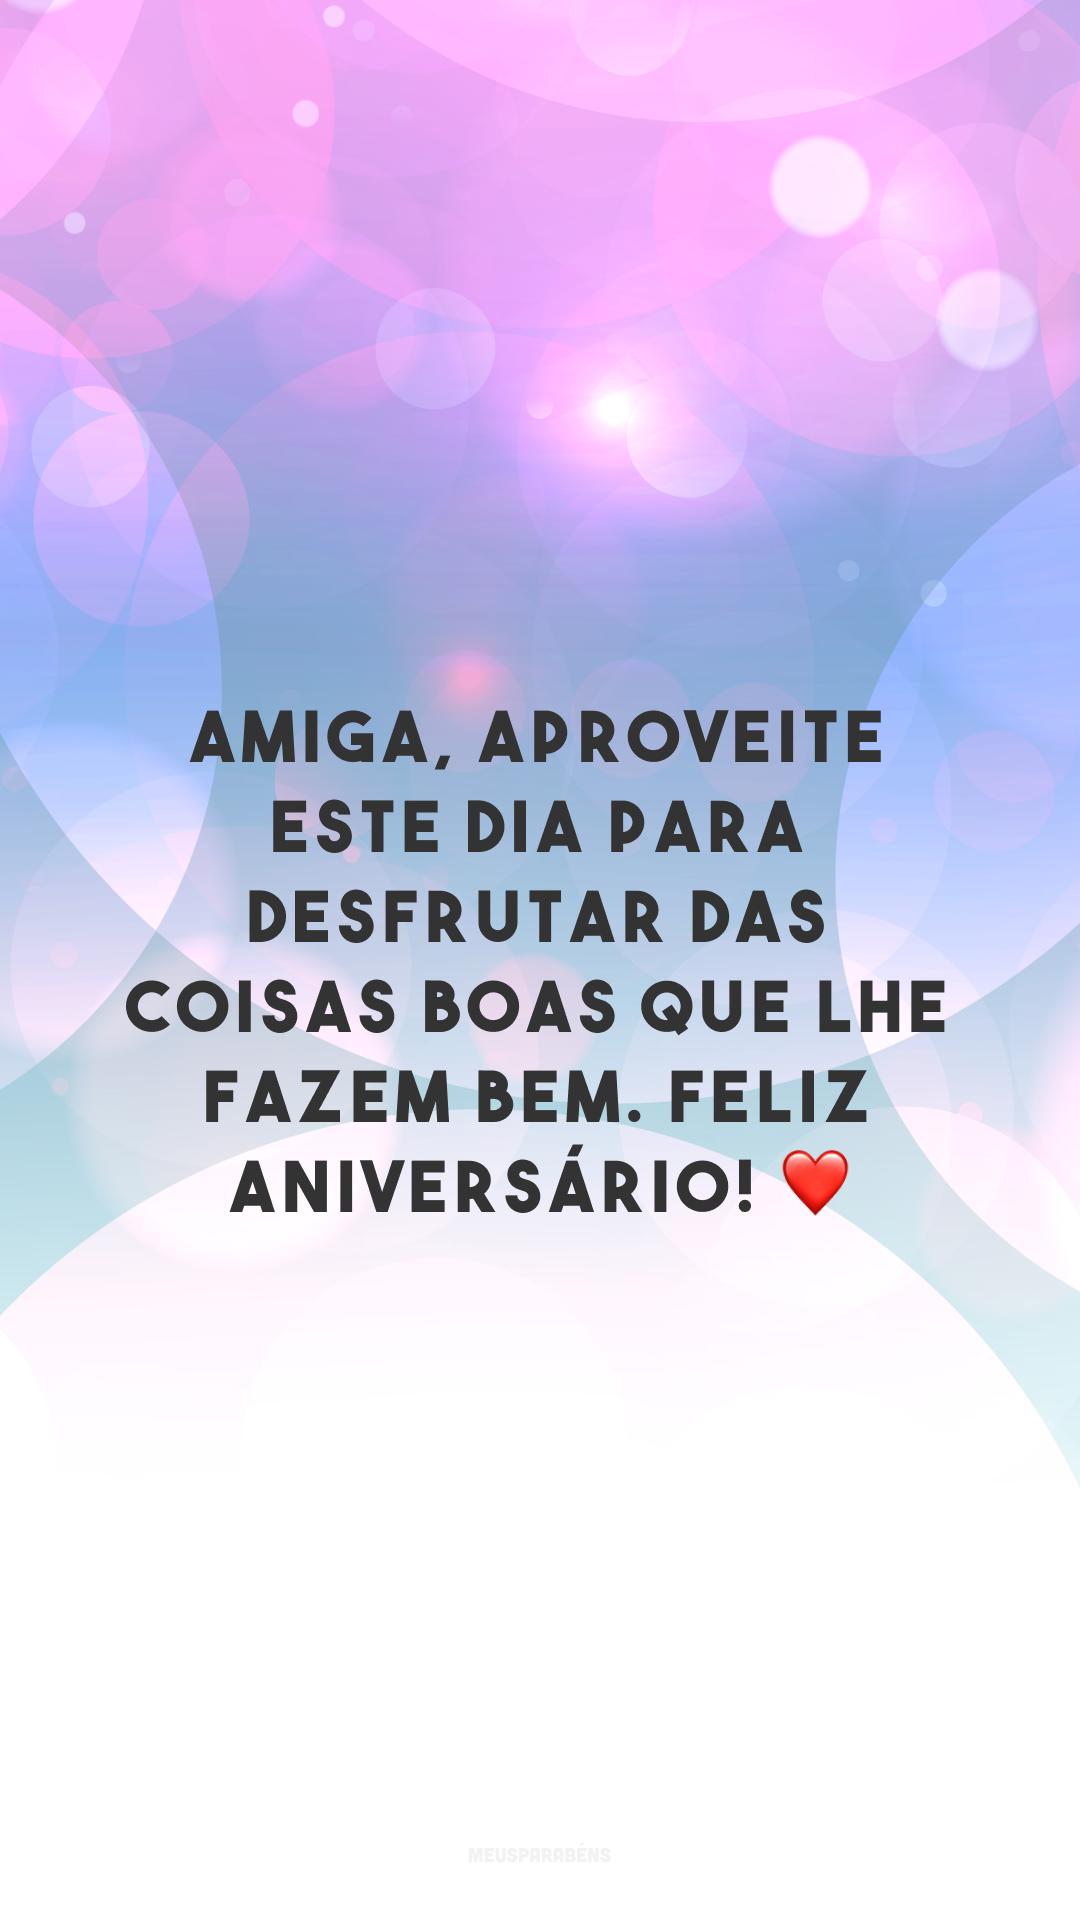 Amiga, aproveite este dia para desfrutar das coisas boas que lhe fazem bem. Feliz aniversário! ❤